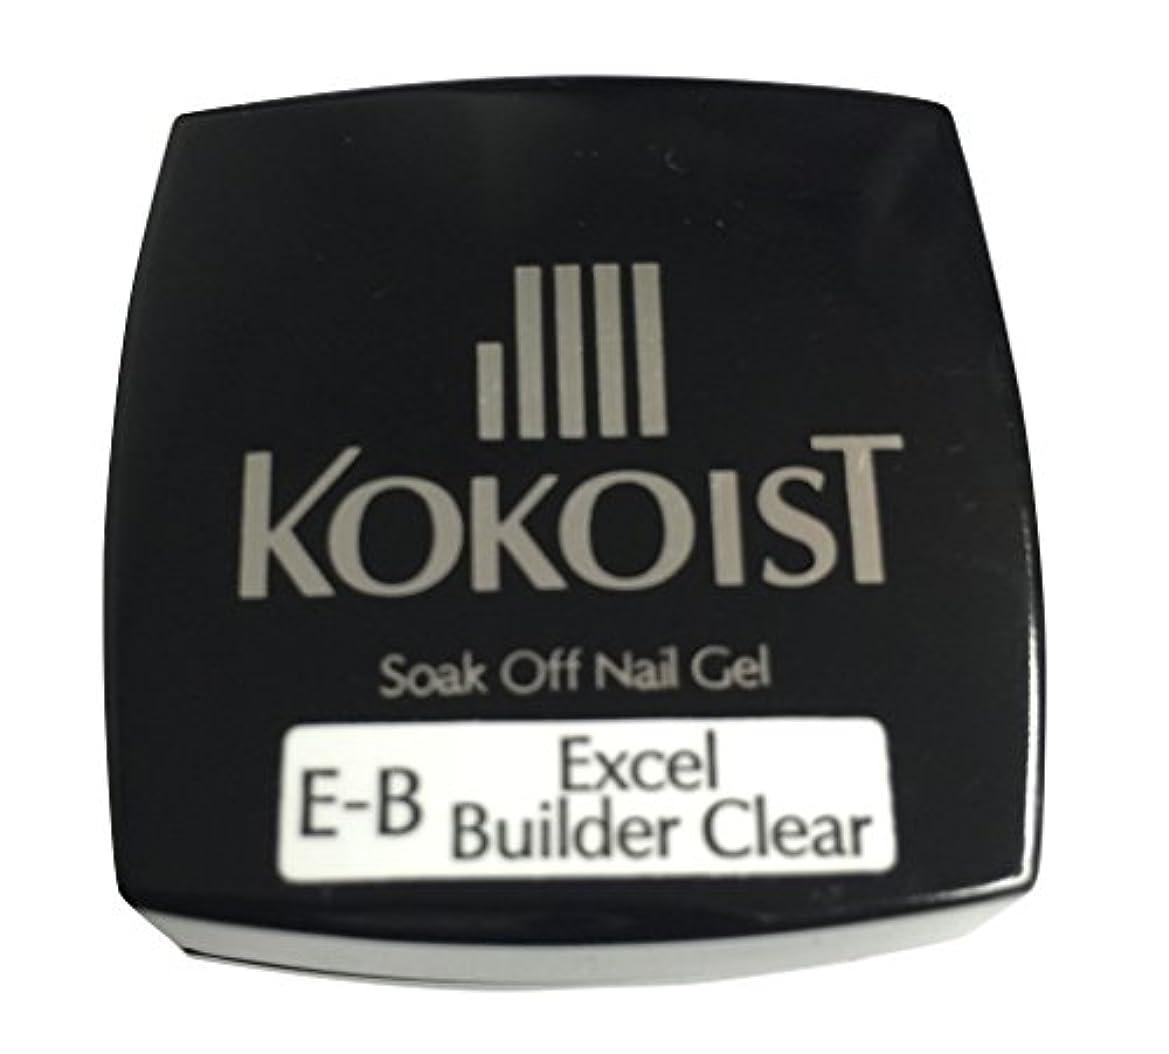 学部歩行者安全でないKOKOIST(ココイスト) ソークオフクリアジェル エクセルビルダー  4g